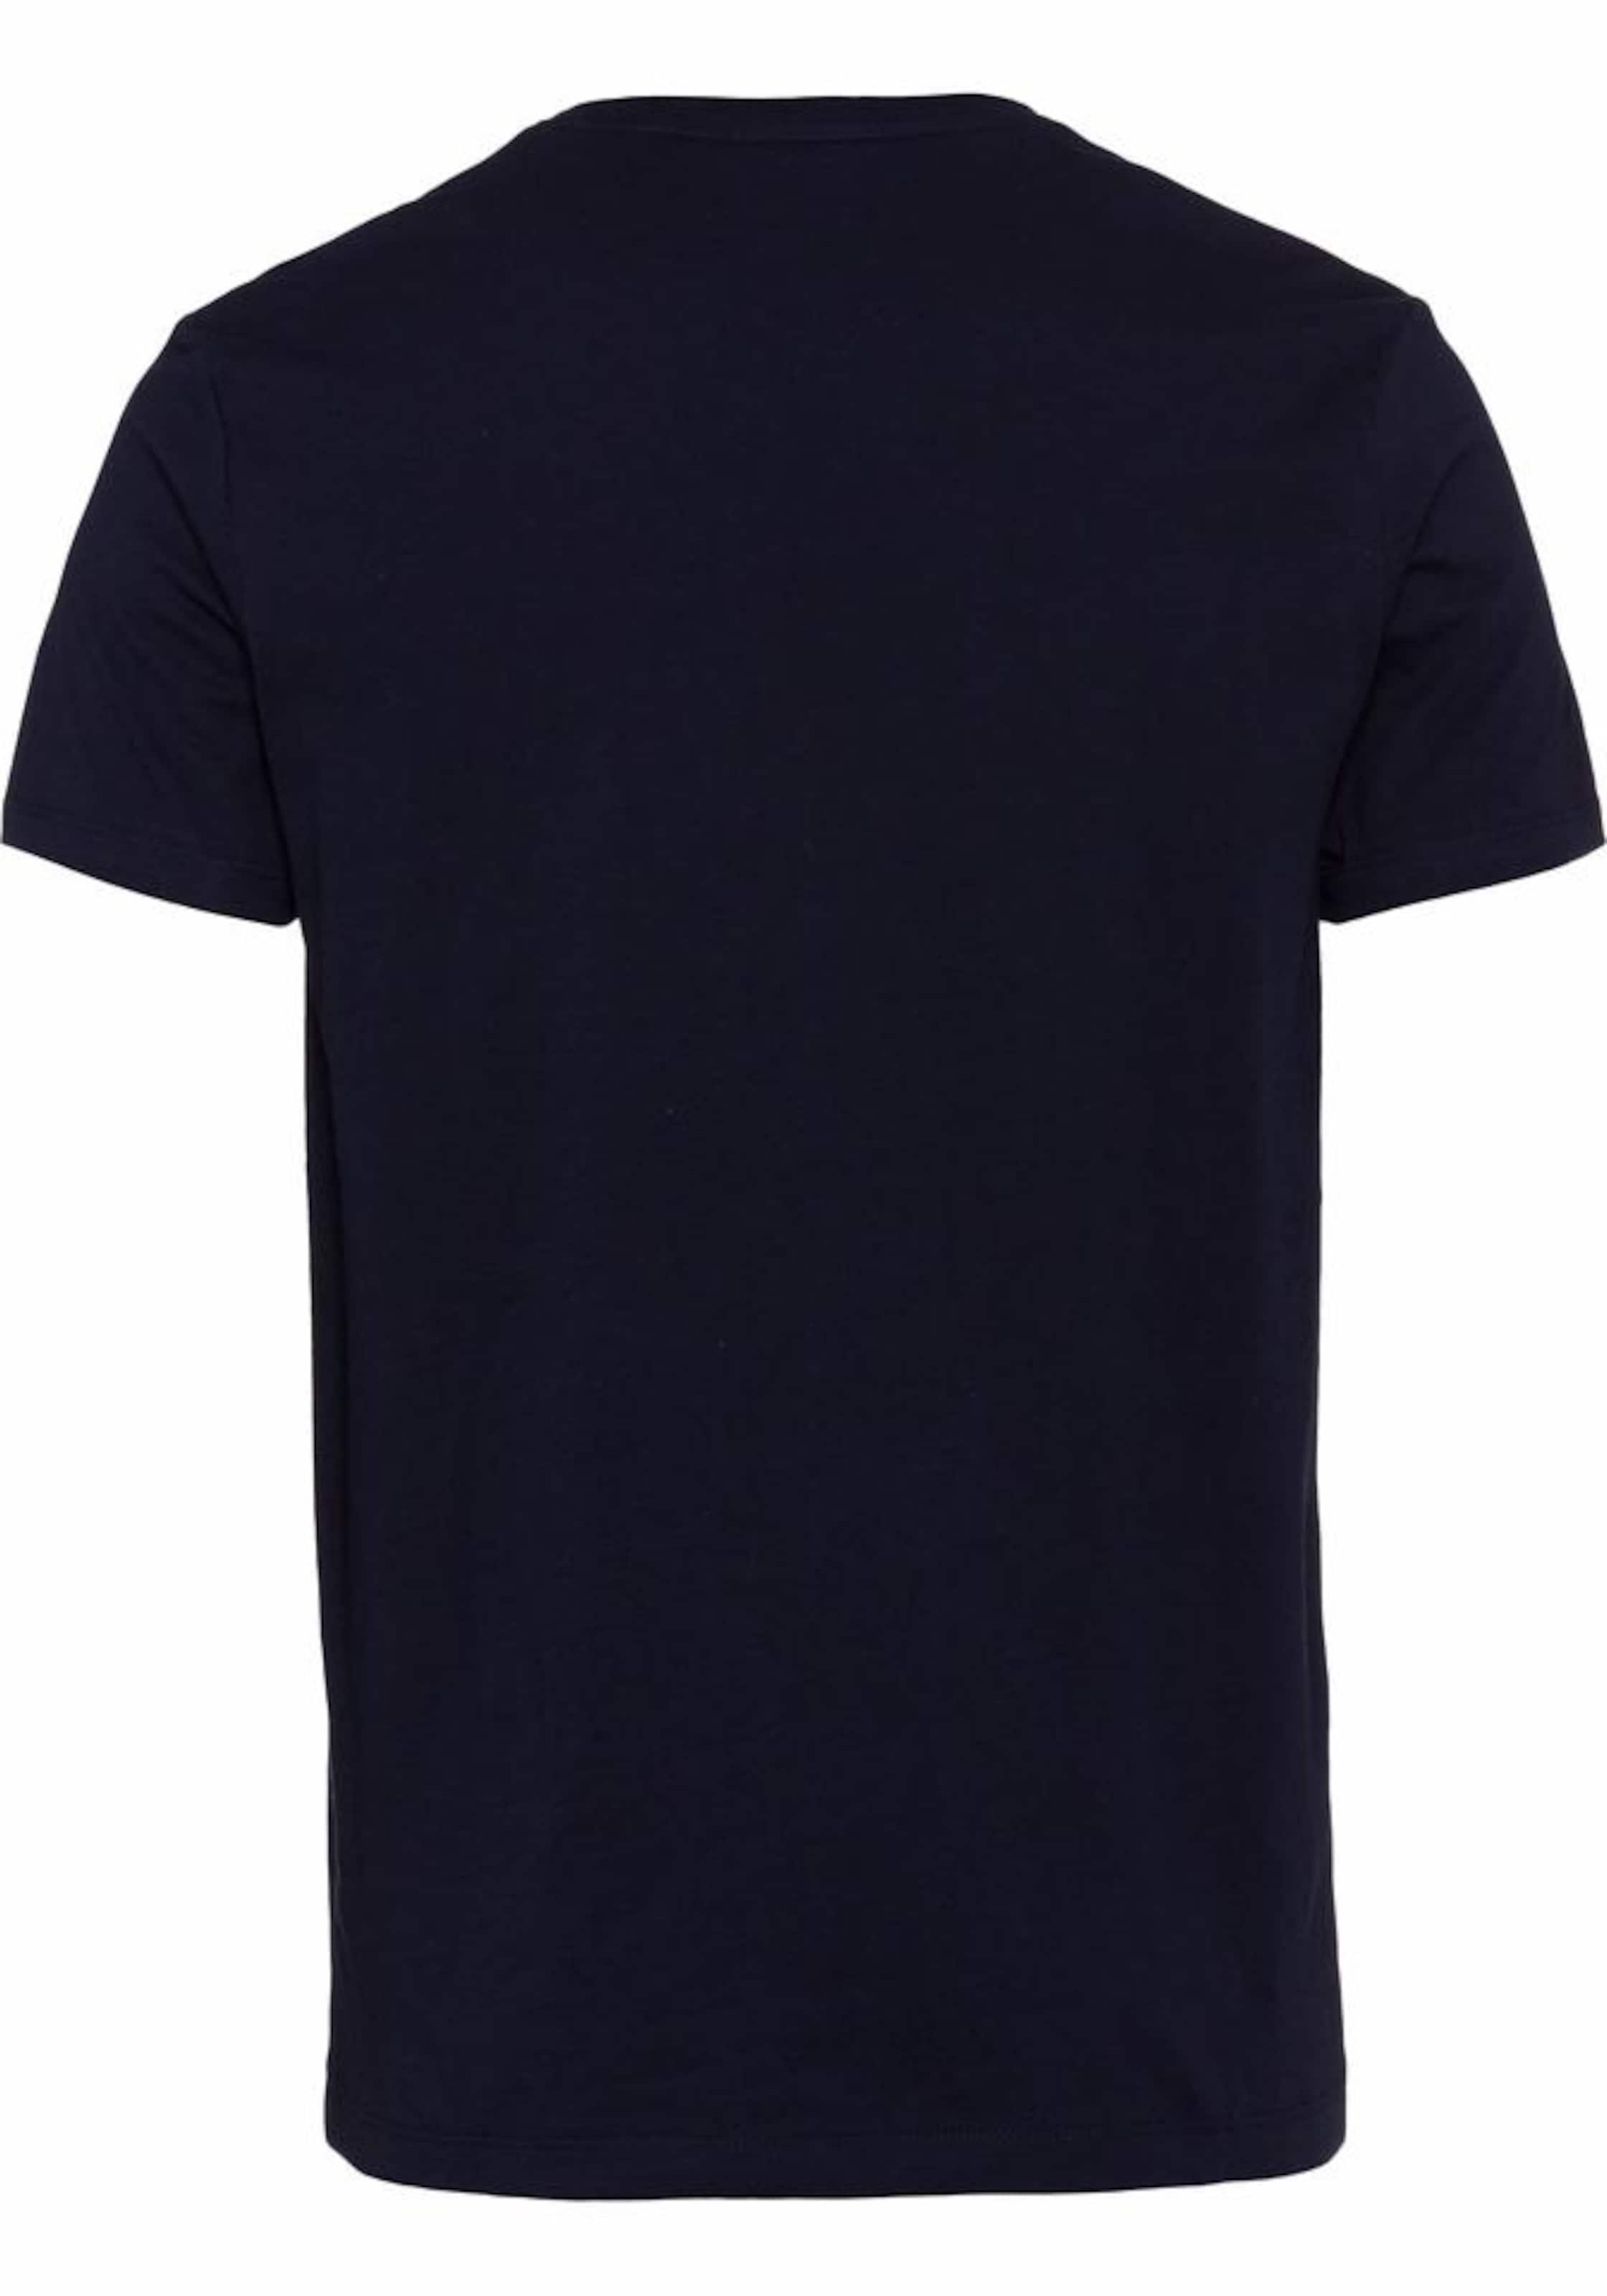 Auslassstellen Verkauf Online EDC BY ESPRIT T-Shirt Online Zum Verkauf Freies Verschiffen 2018 Unisex Billige Usa Händler Sammlungen Günstiger Preis ikl7HR8